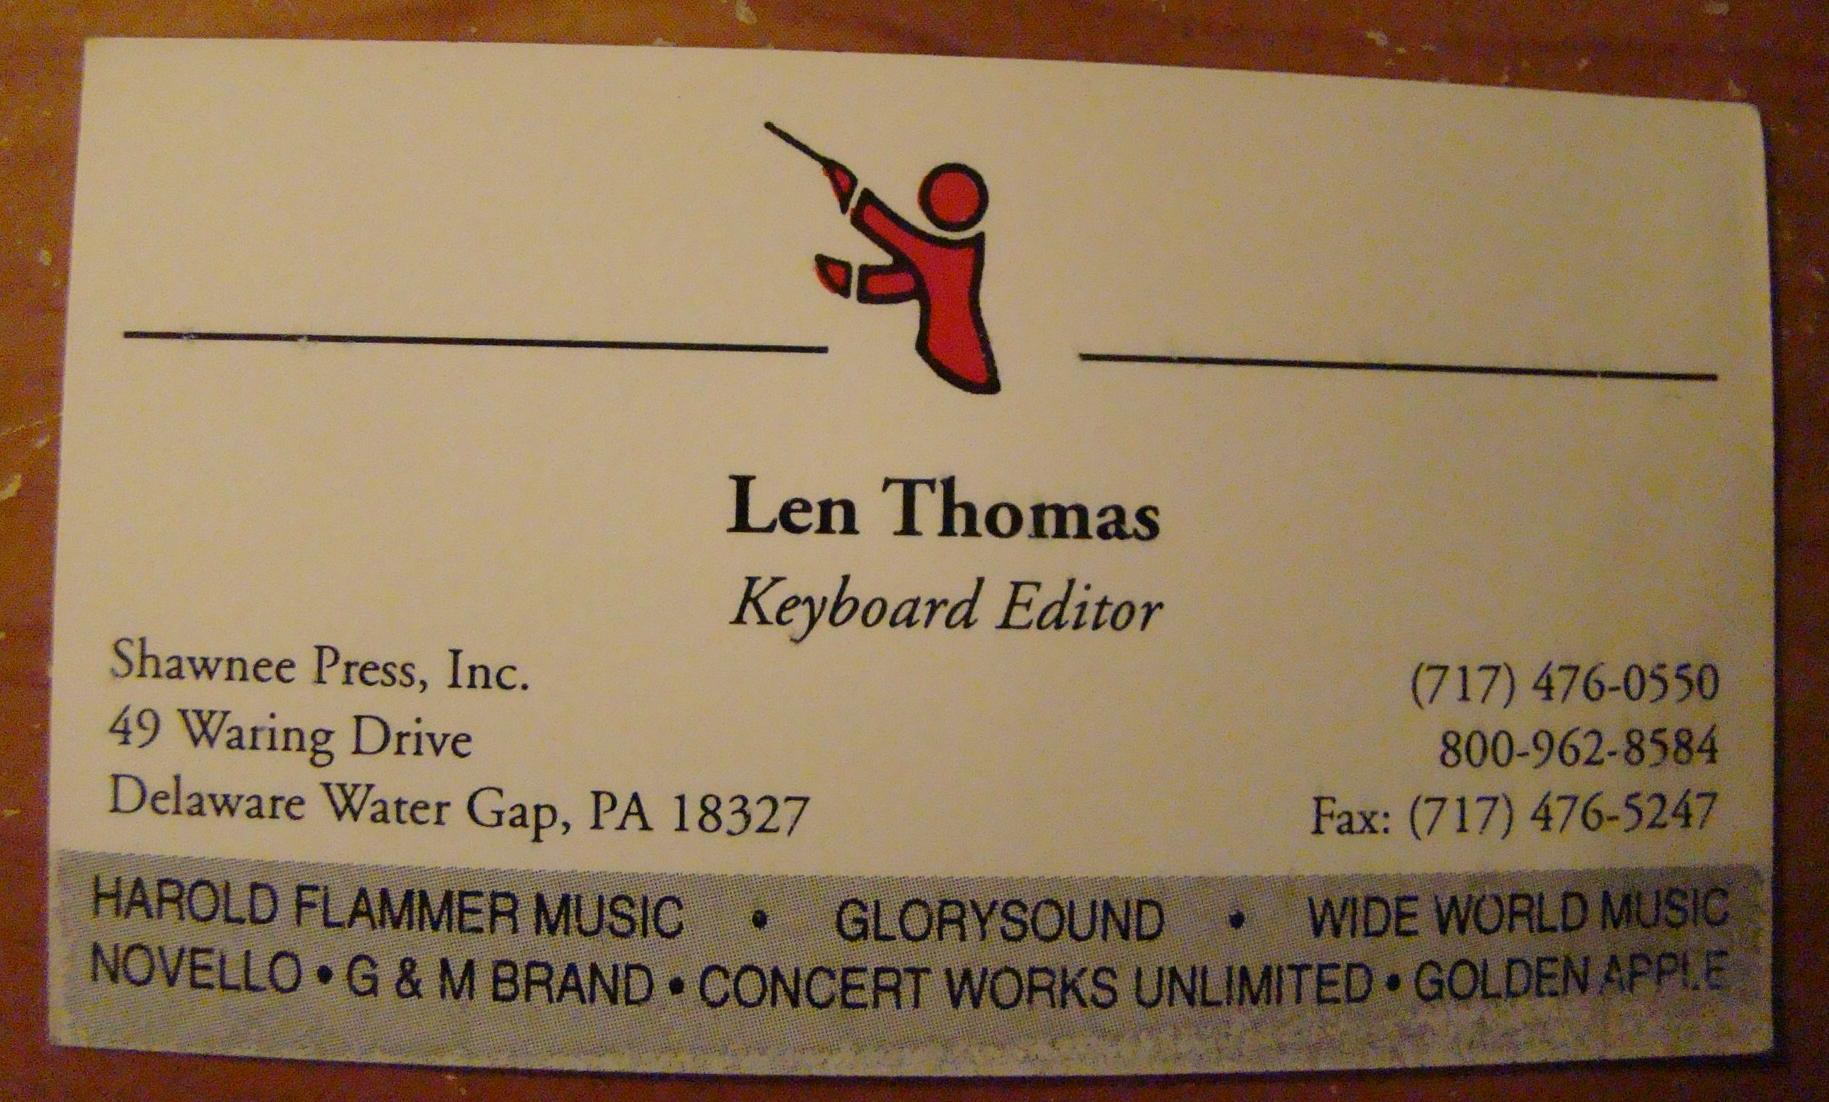 Len Shawnee Press Business card